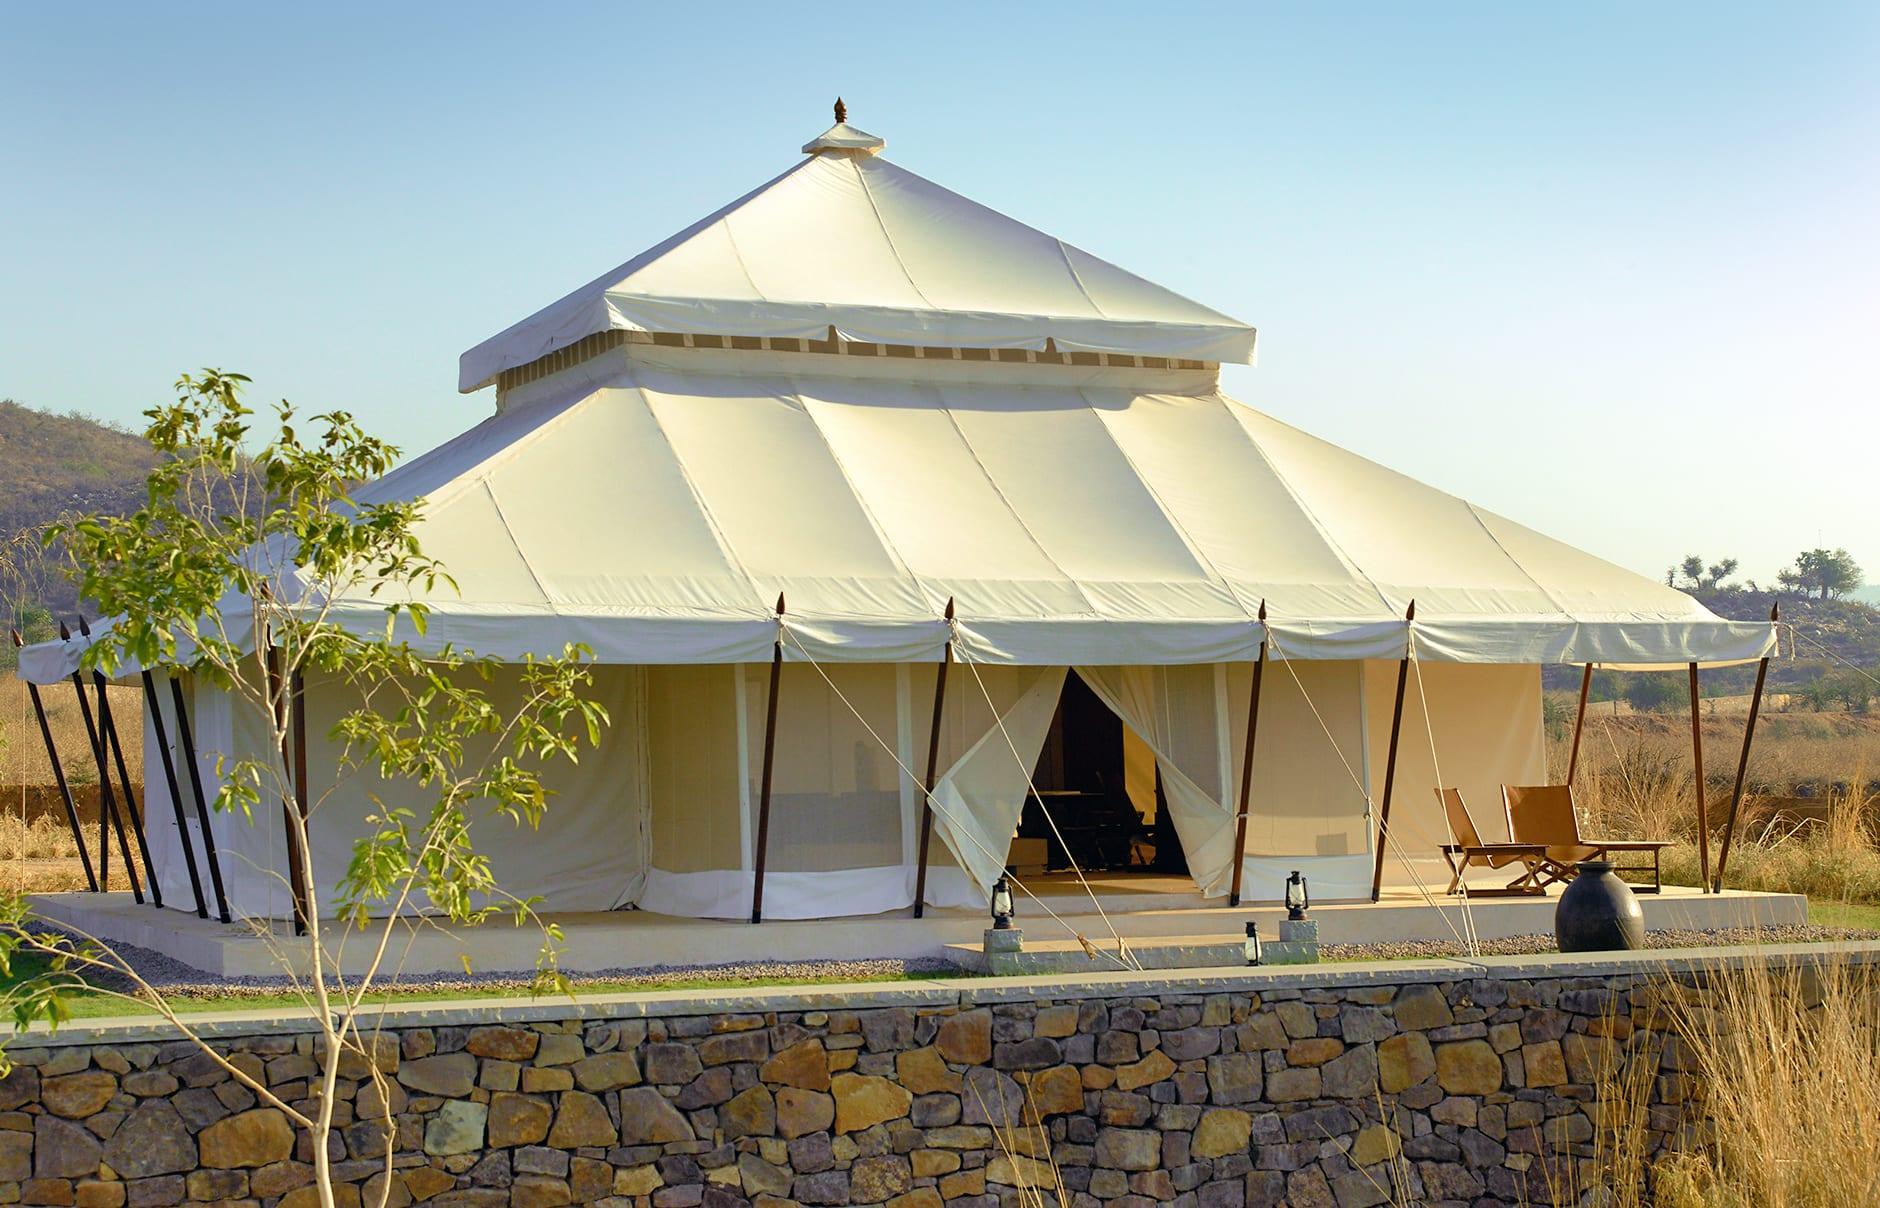 Tent Exterior. Aman-i-Khas, Ranthambhore, India. © Amanresorts